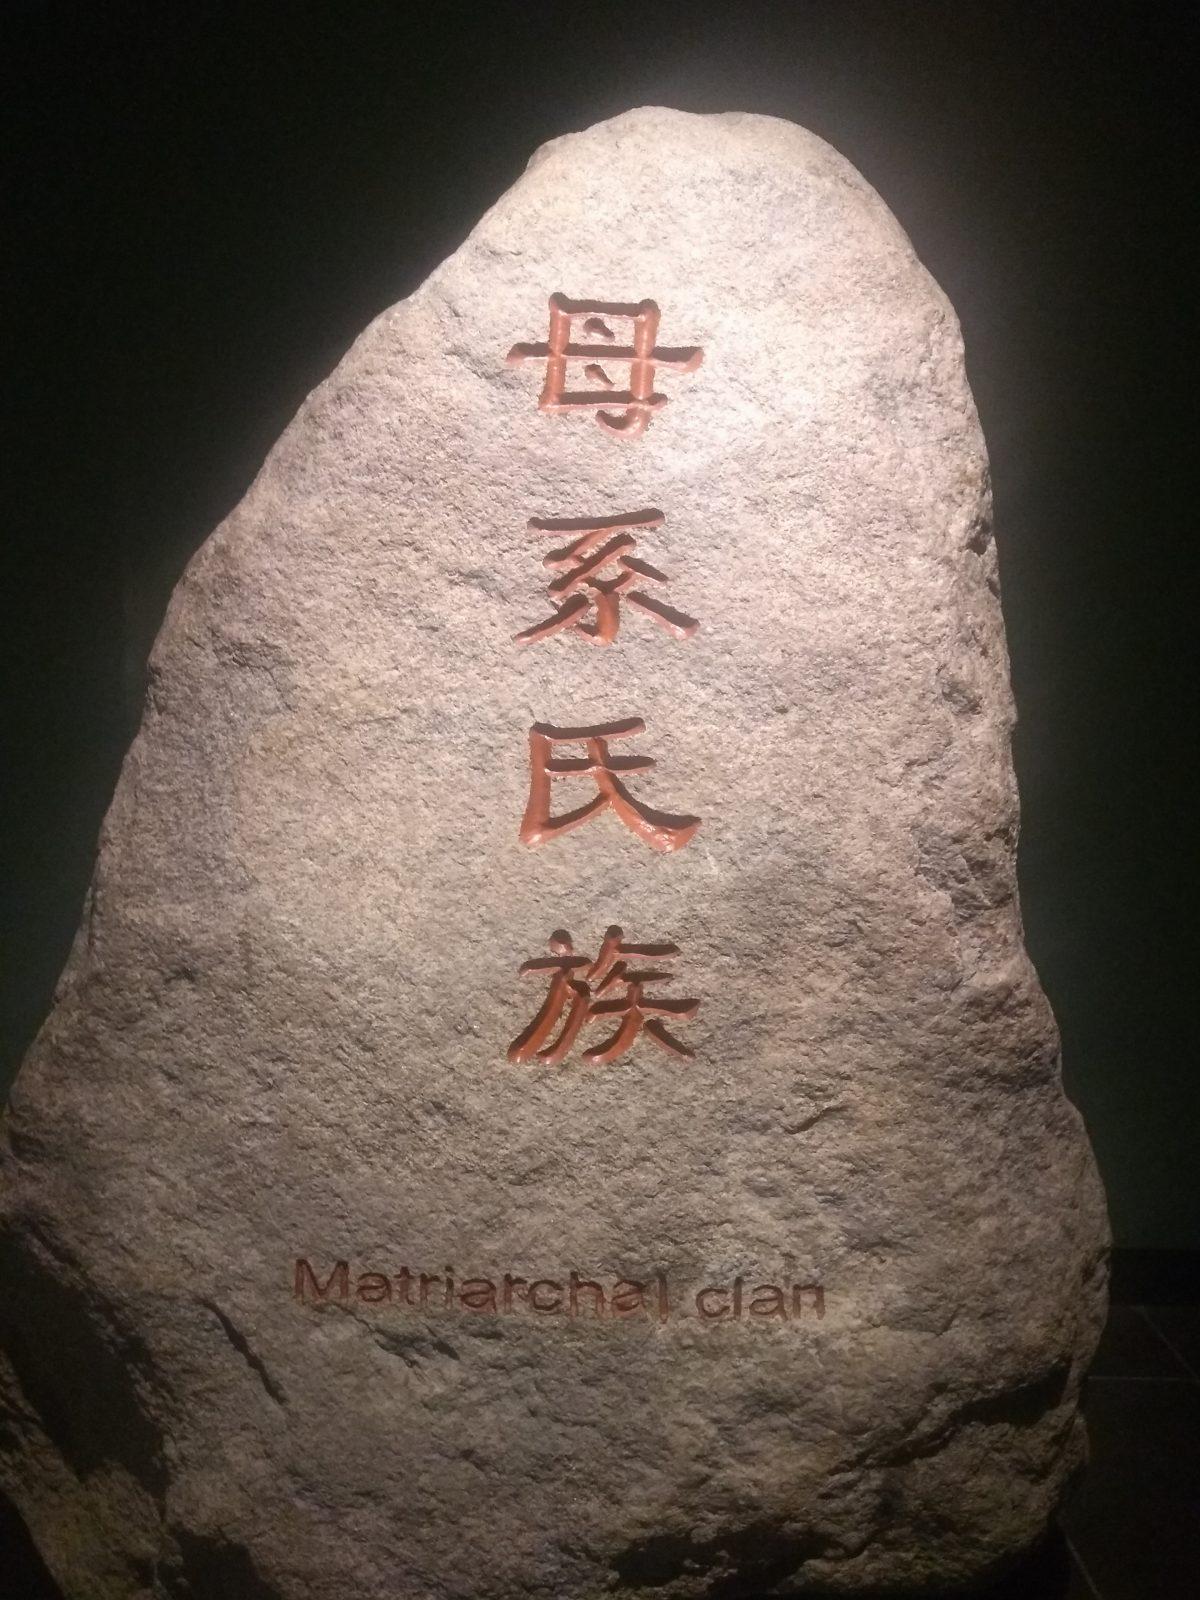 Sitio arqueológico dos antigos Banpos, tribo matriarcal nas proximidades de Xi´an, China.